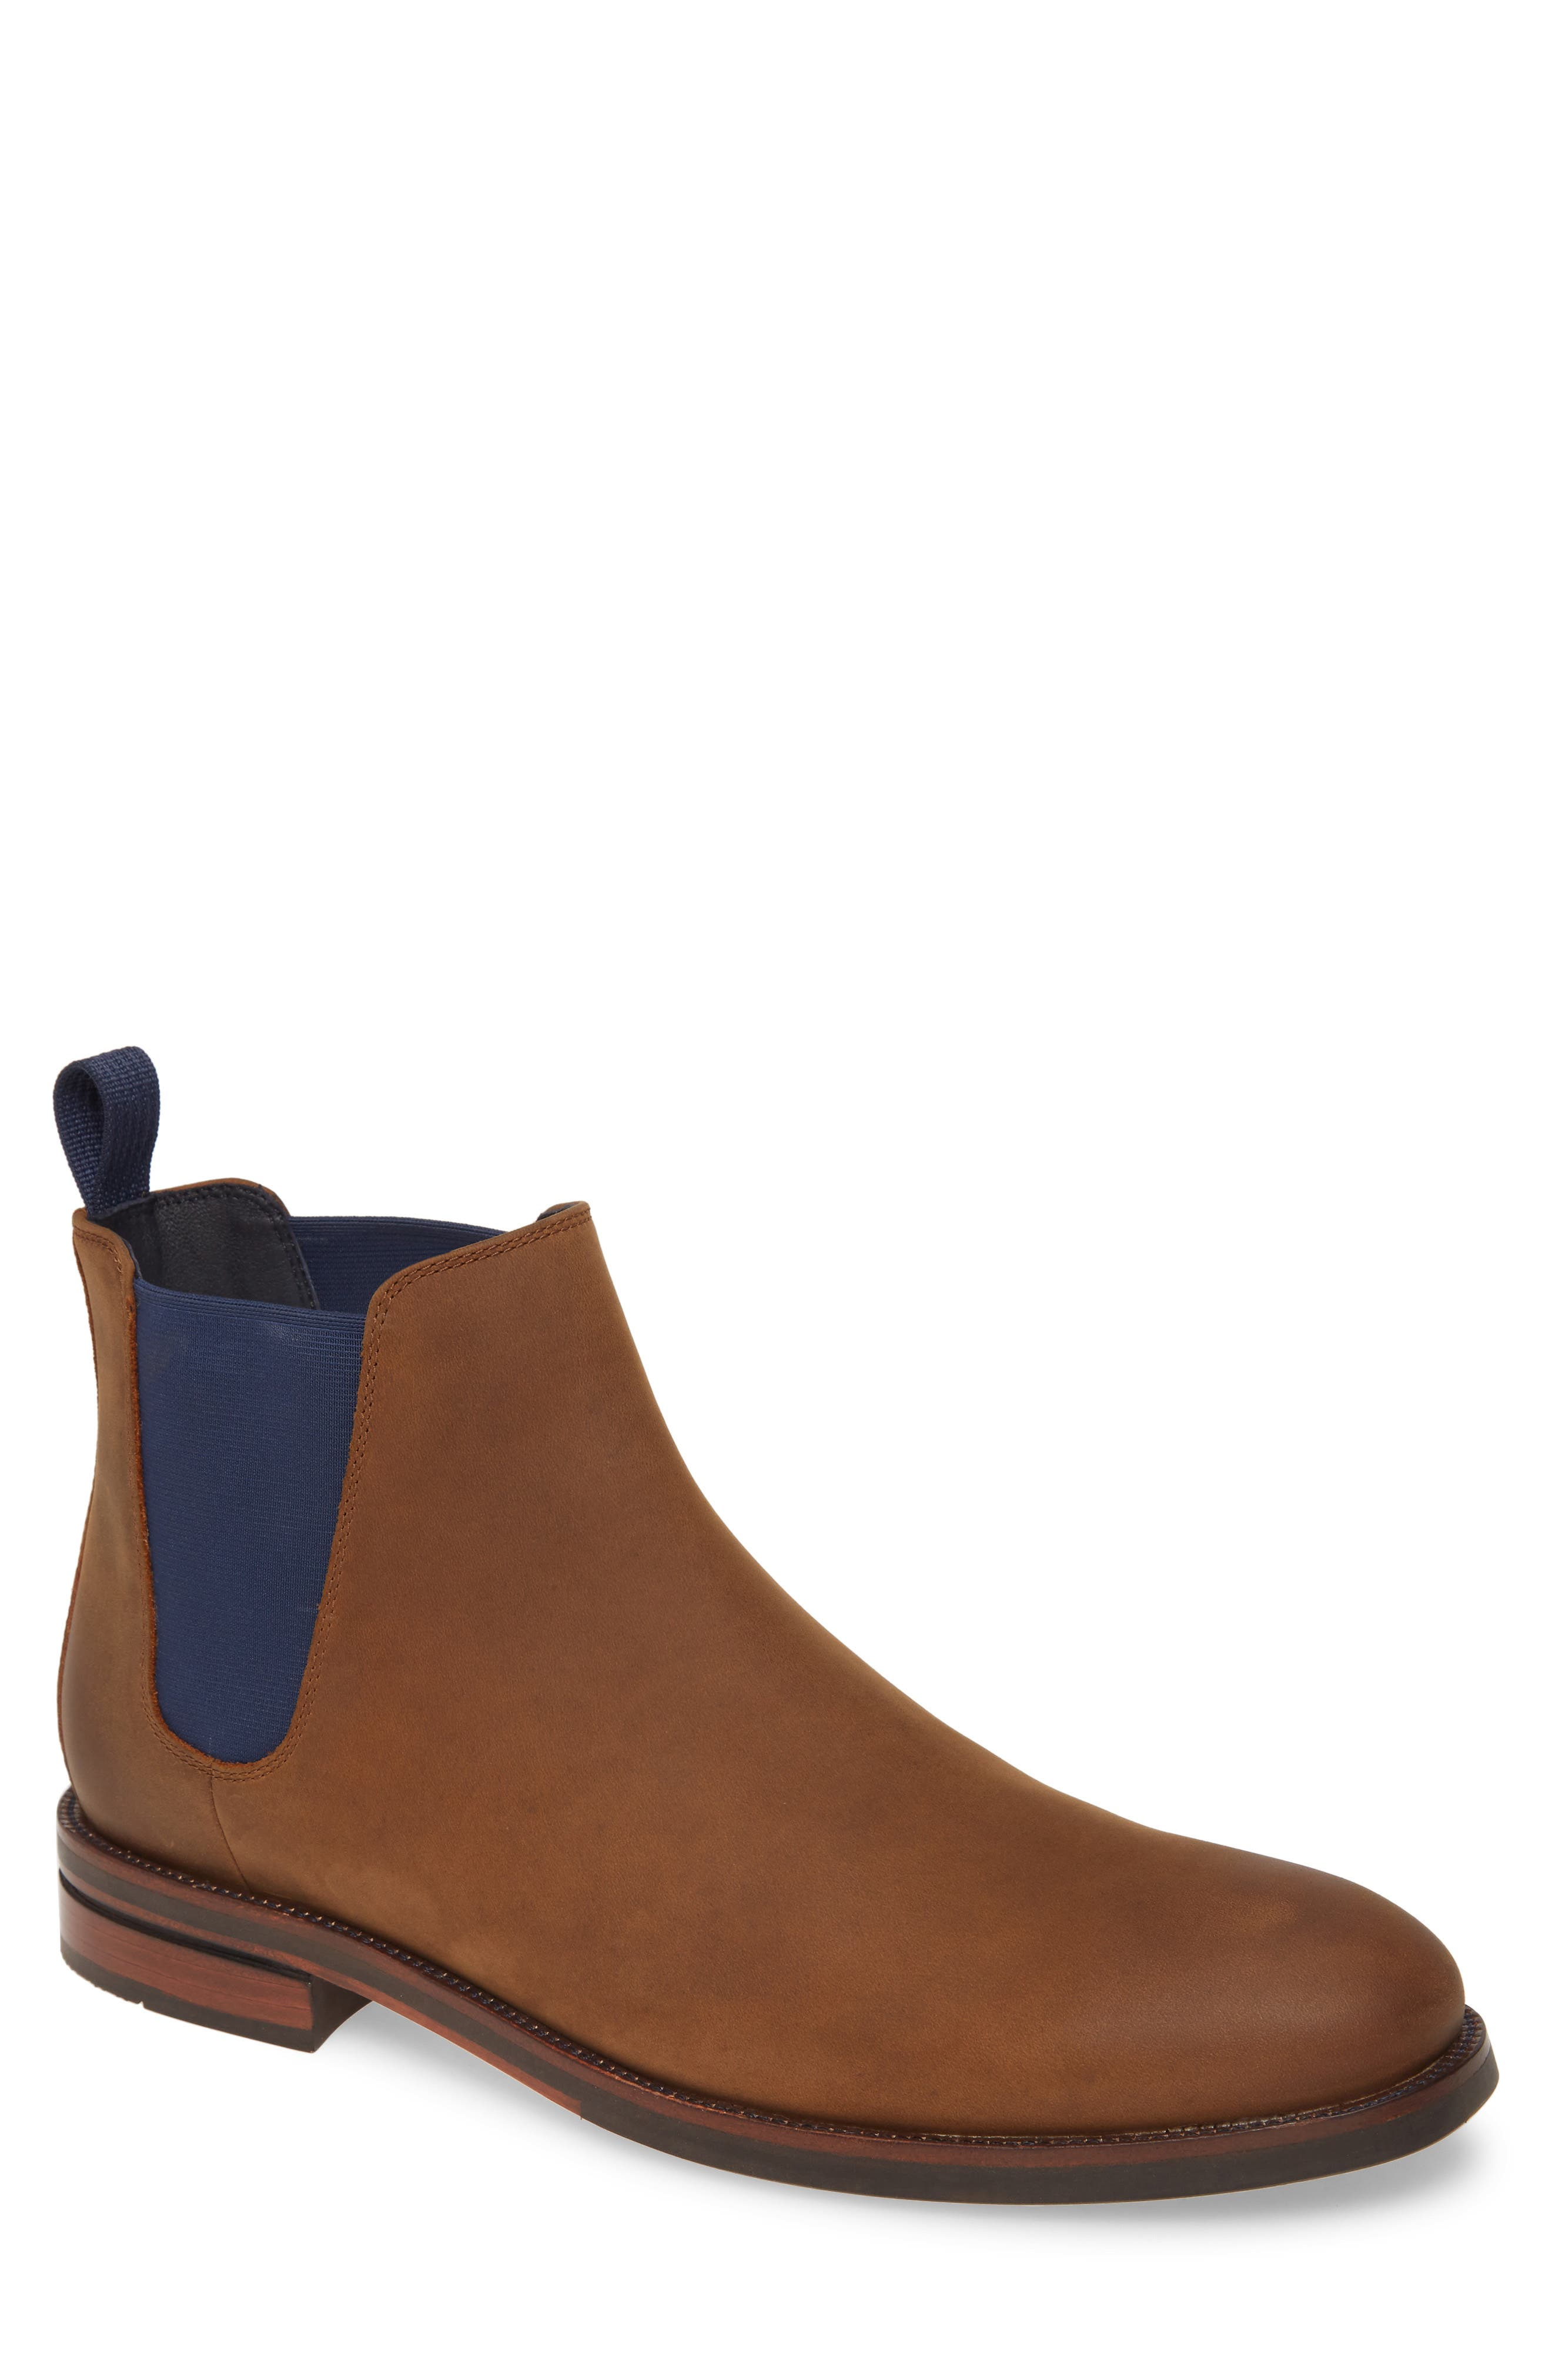 Wakefield Grand Waterproof Chelsea Boot